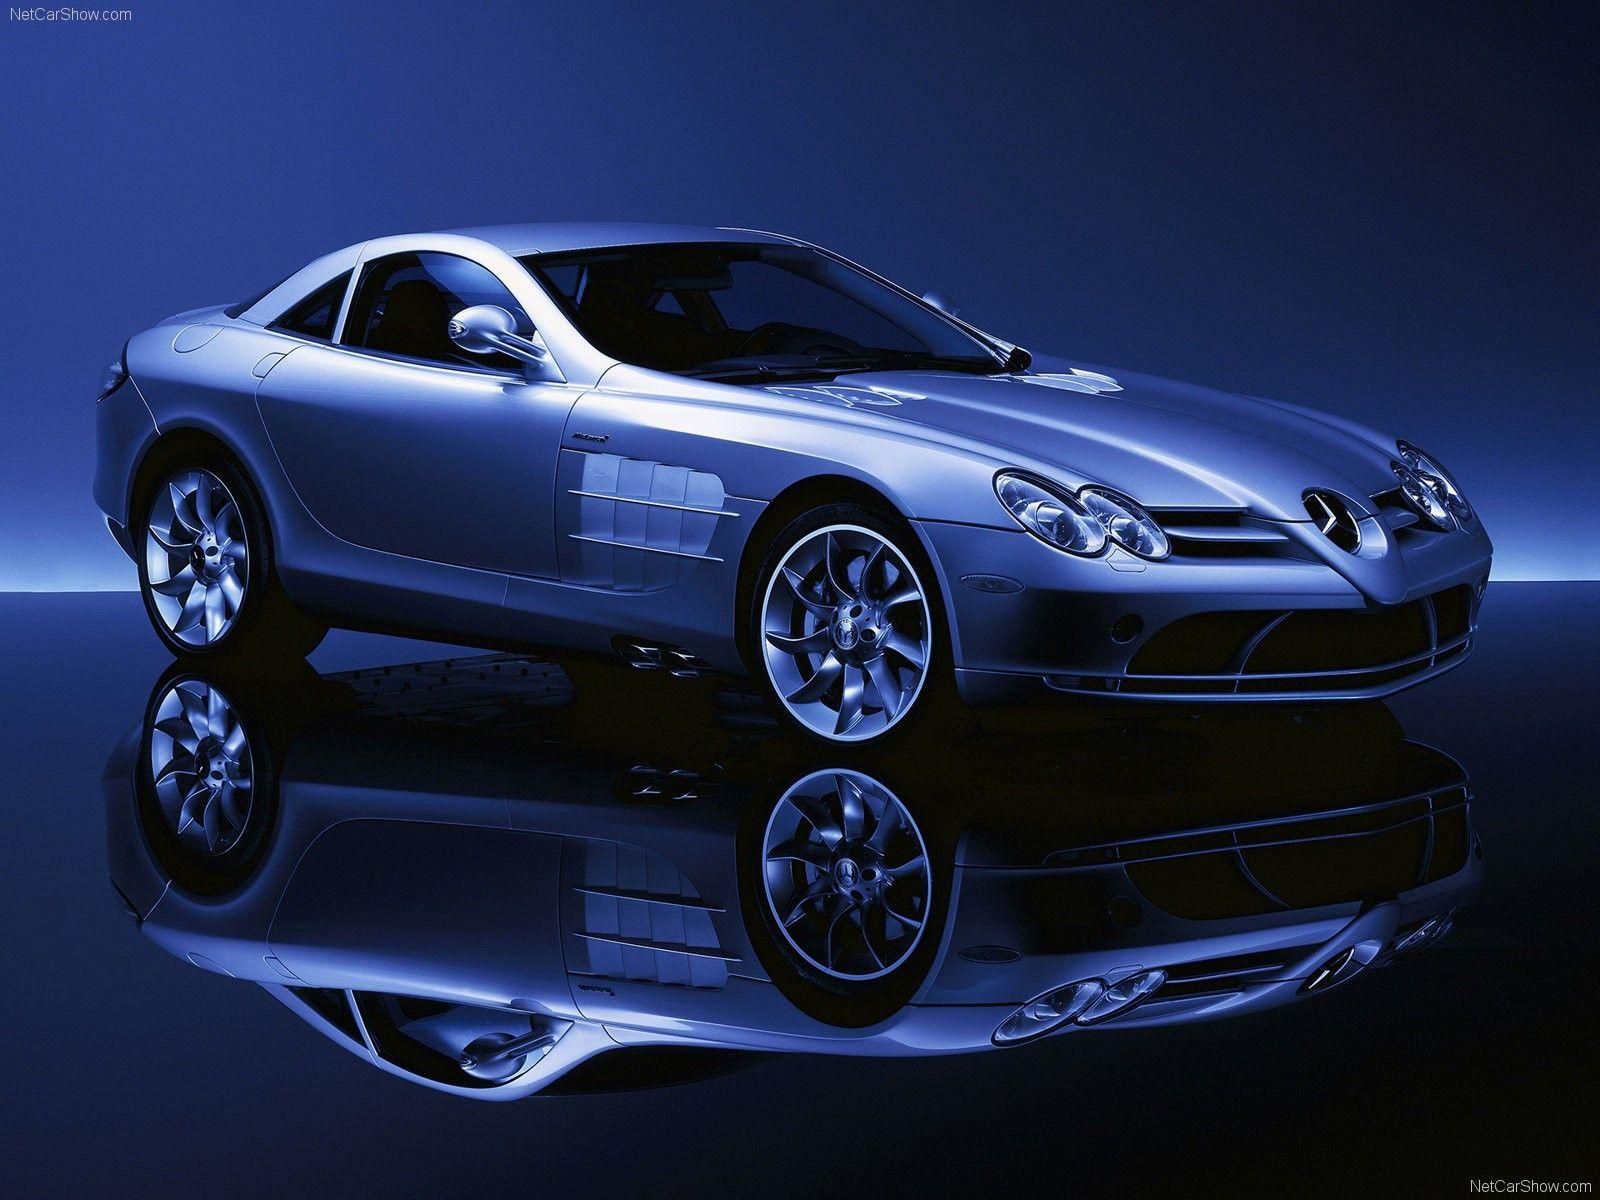 Mercedes Benz Slr Mclaren Gold Hd Desktop Wallpaper Widescreen Slr Mclaren Benz Mercedes Benz